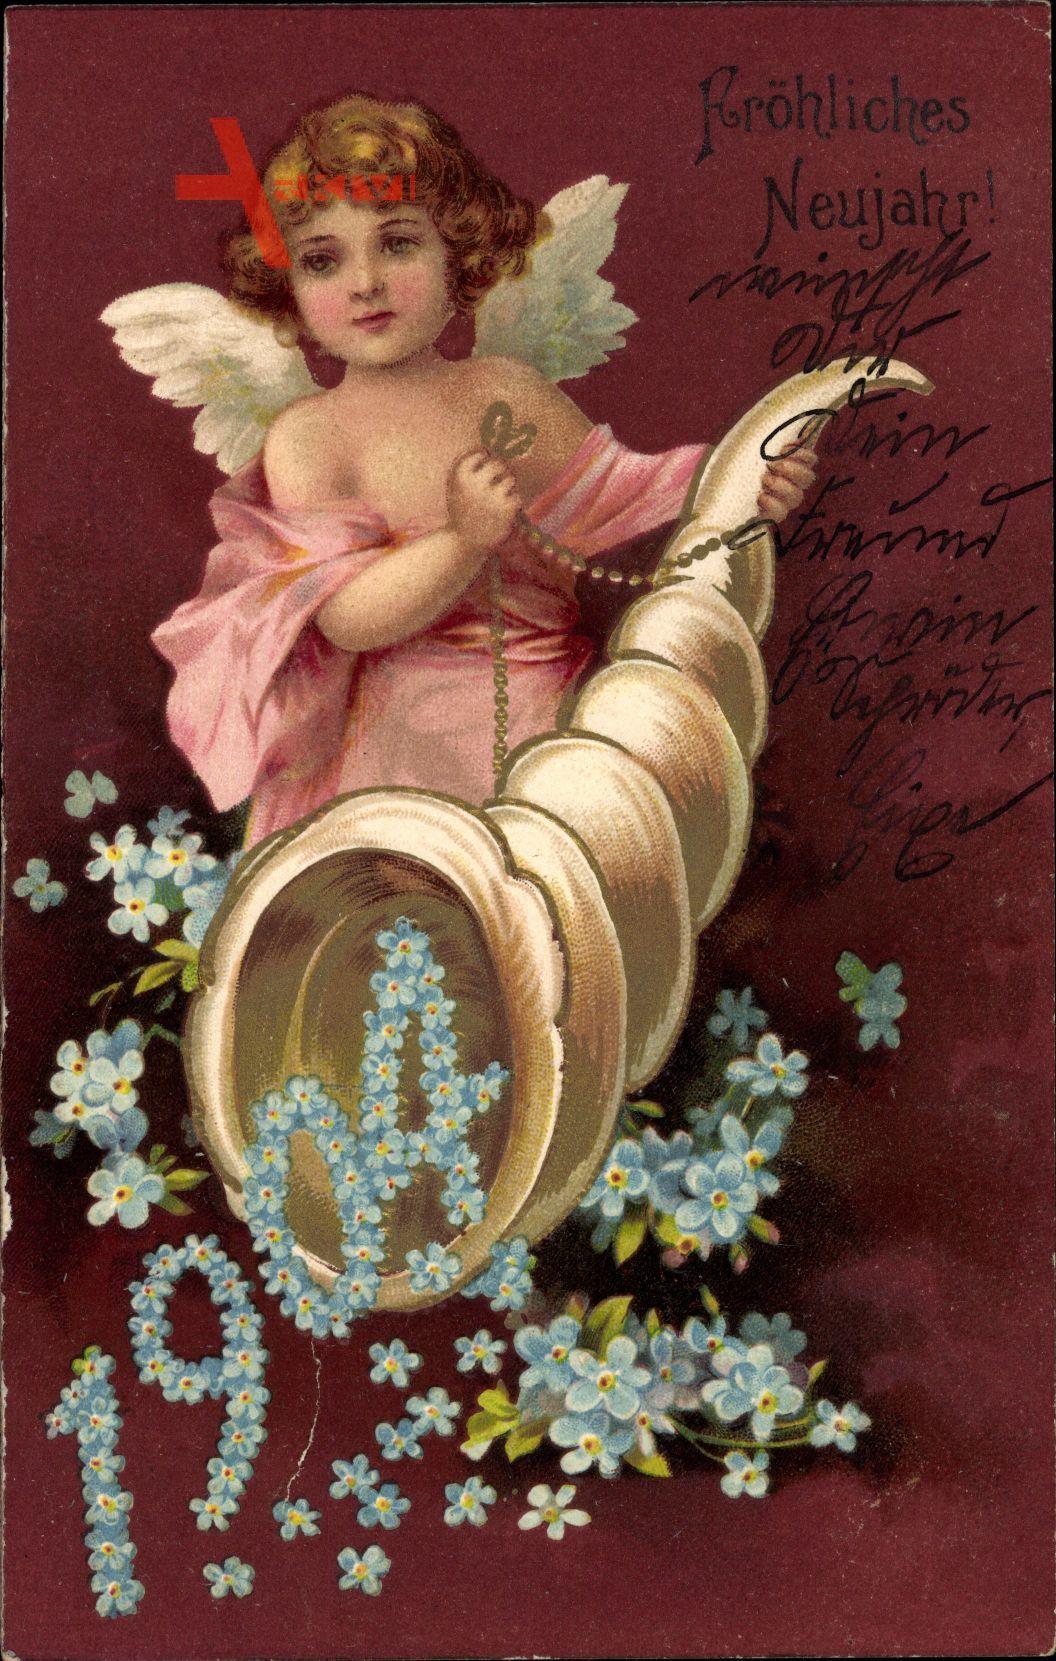 Glückwunsch Neujahr,  Jahreszahl 1904, Füllhorn, Engel